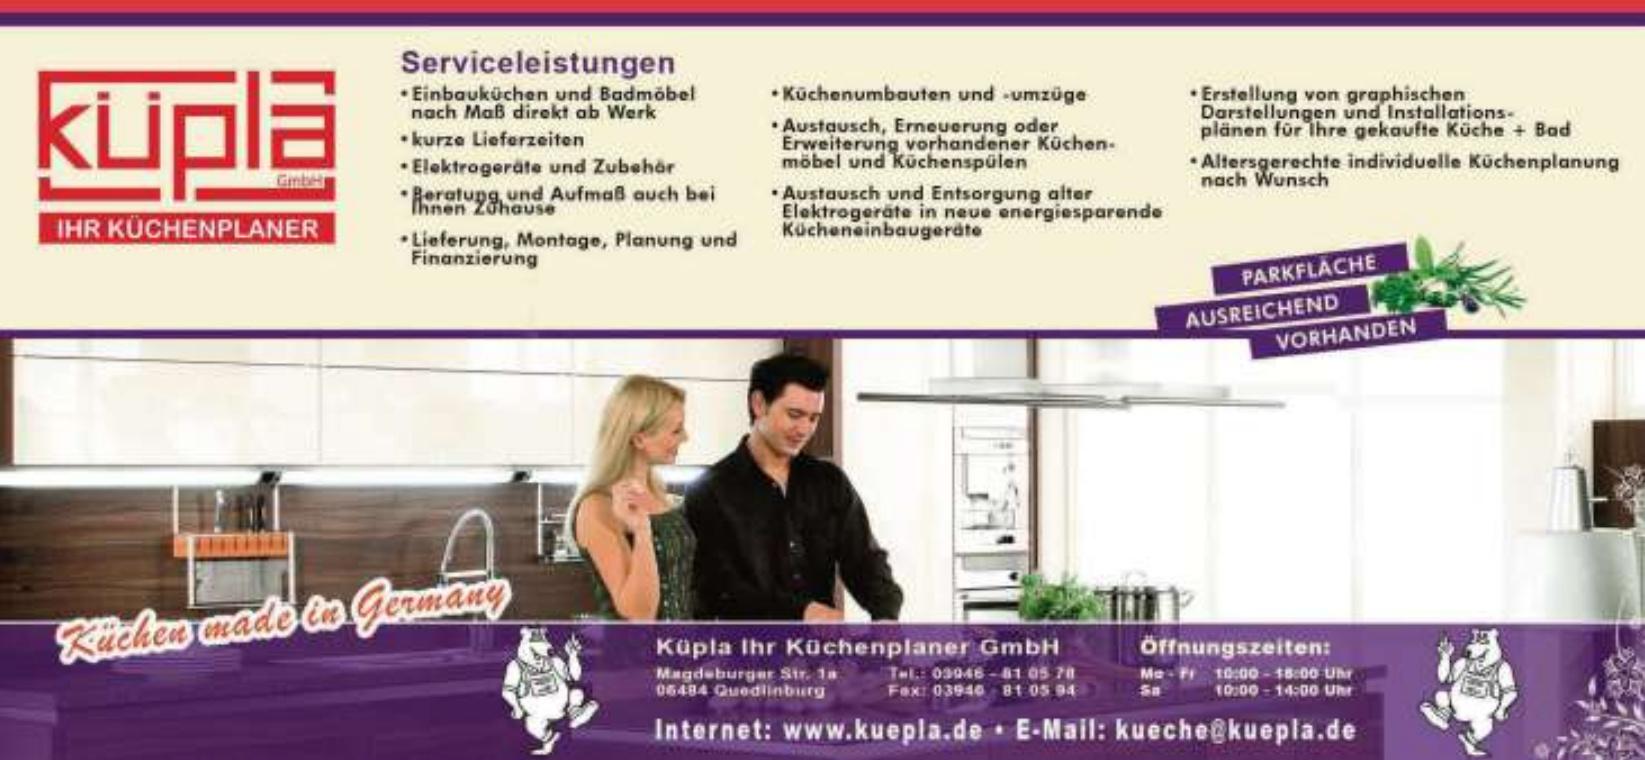 Küpla Ihr Küchenplaner GmbH